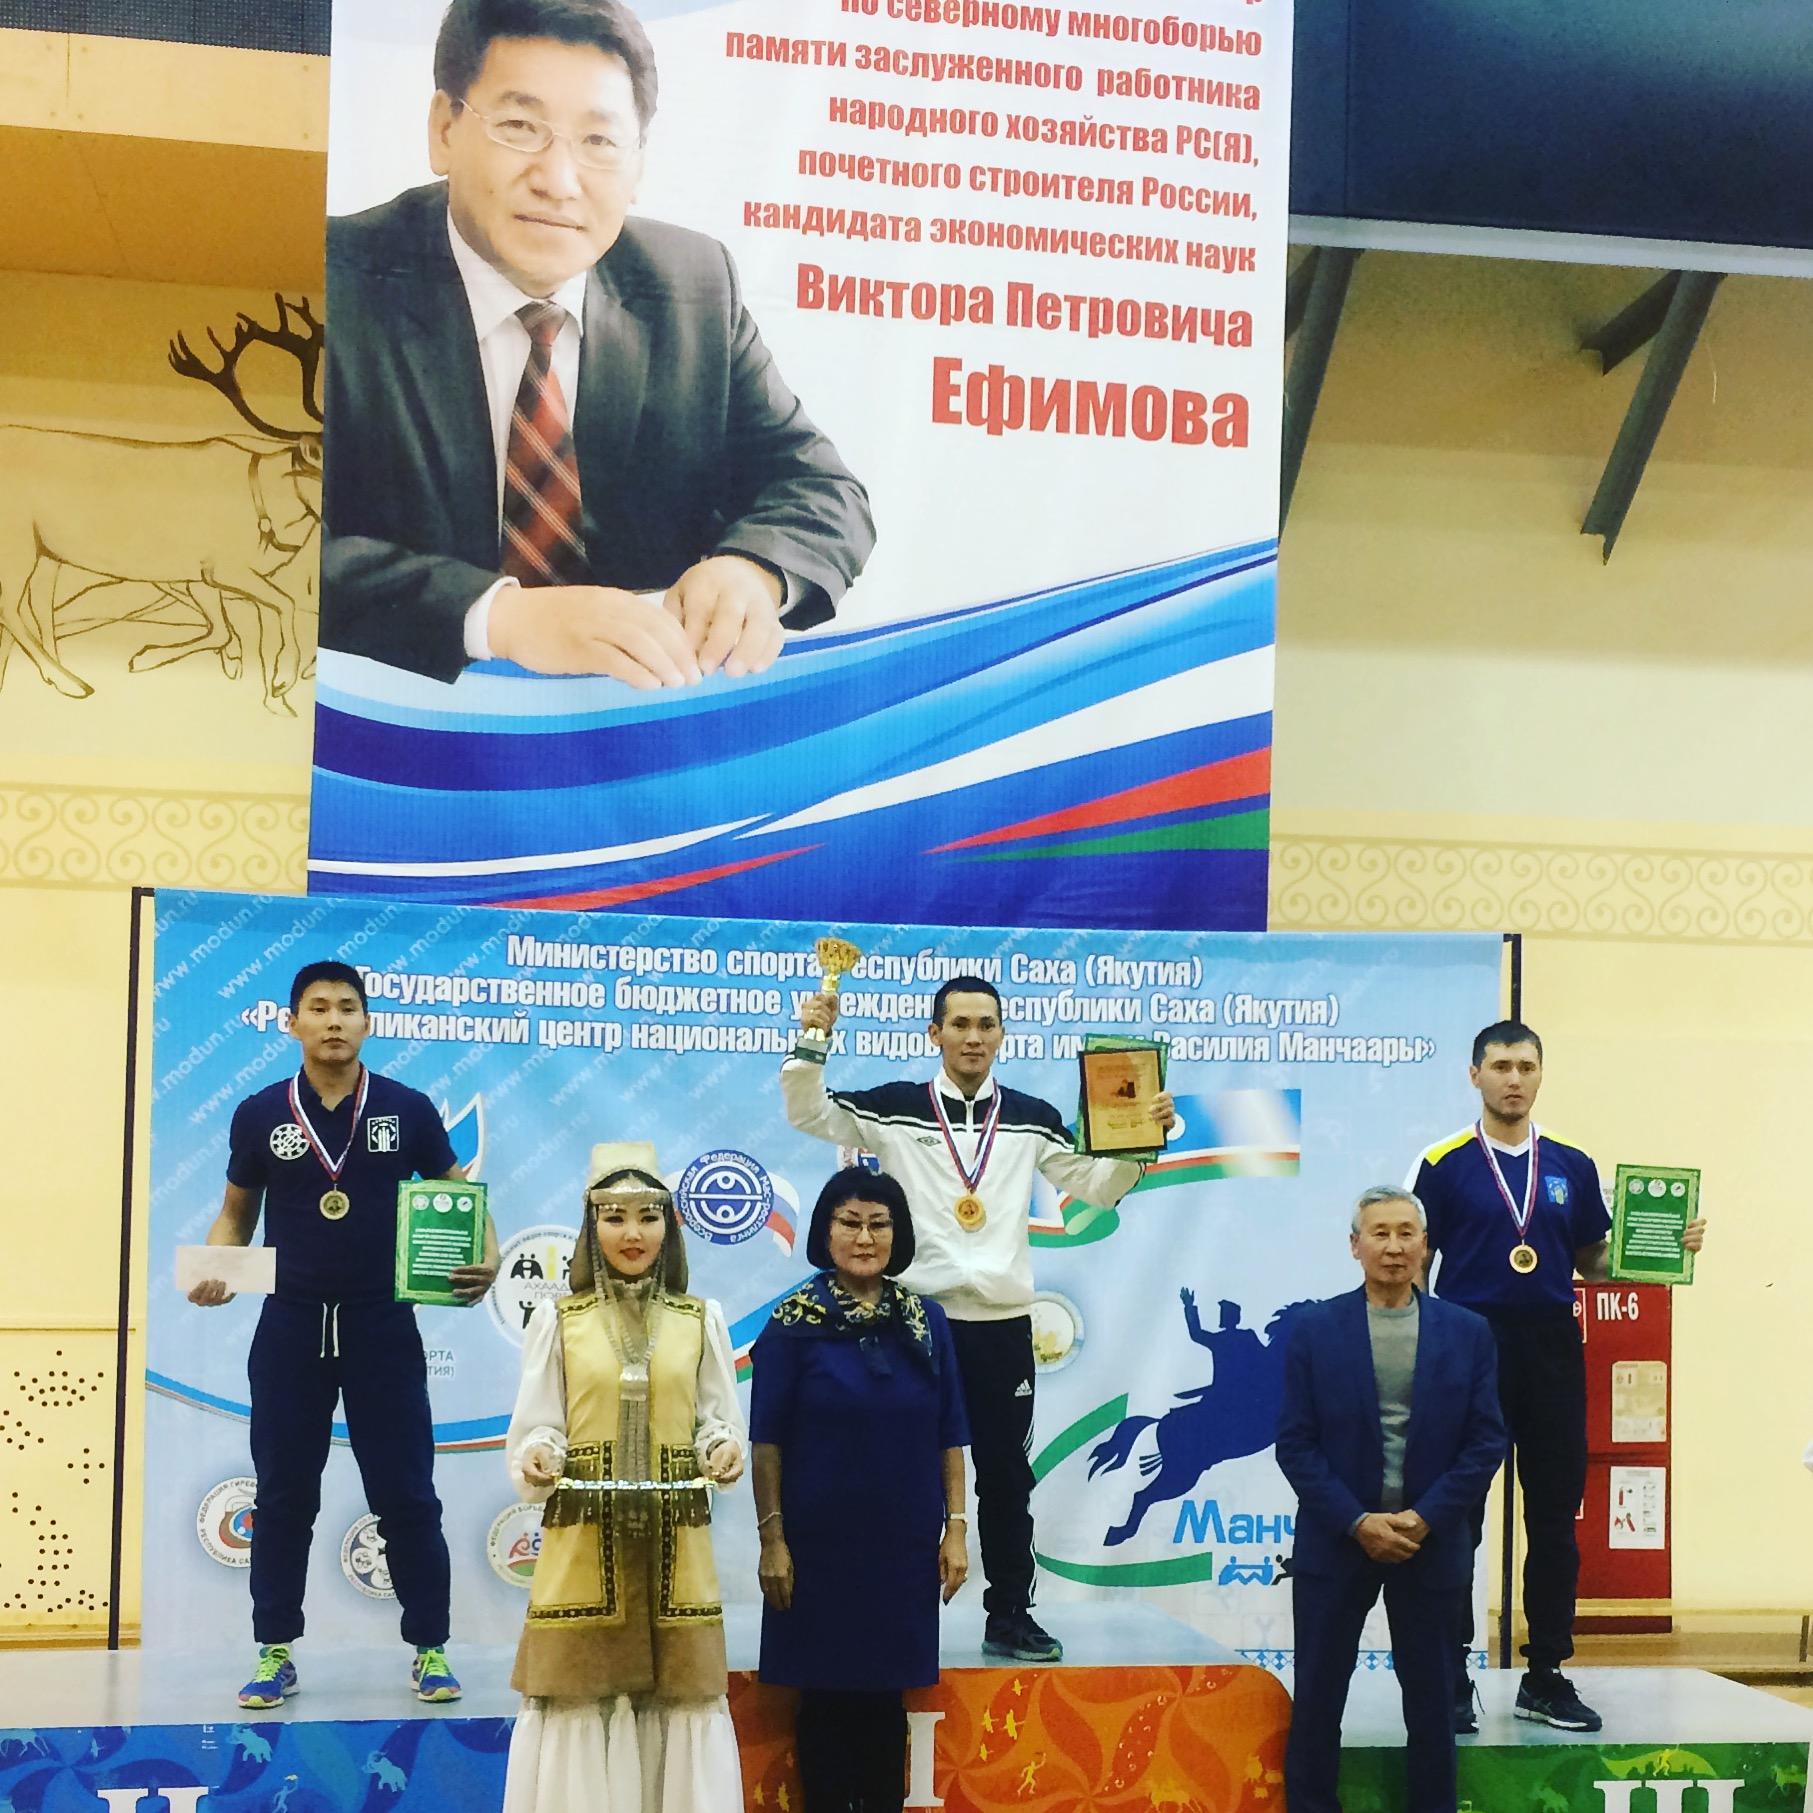 Трехкратный абсолютный чемпион РС(Я) по северному многоборью   памяти Виктора Петровича Ефимова 18-19-20 октября 2016 г.